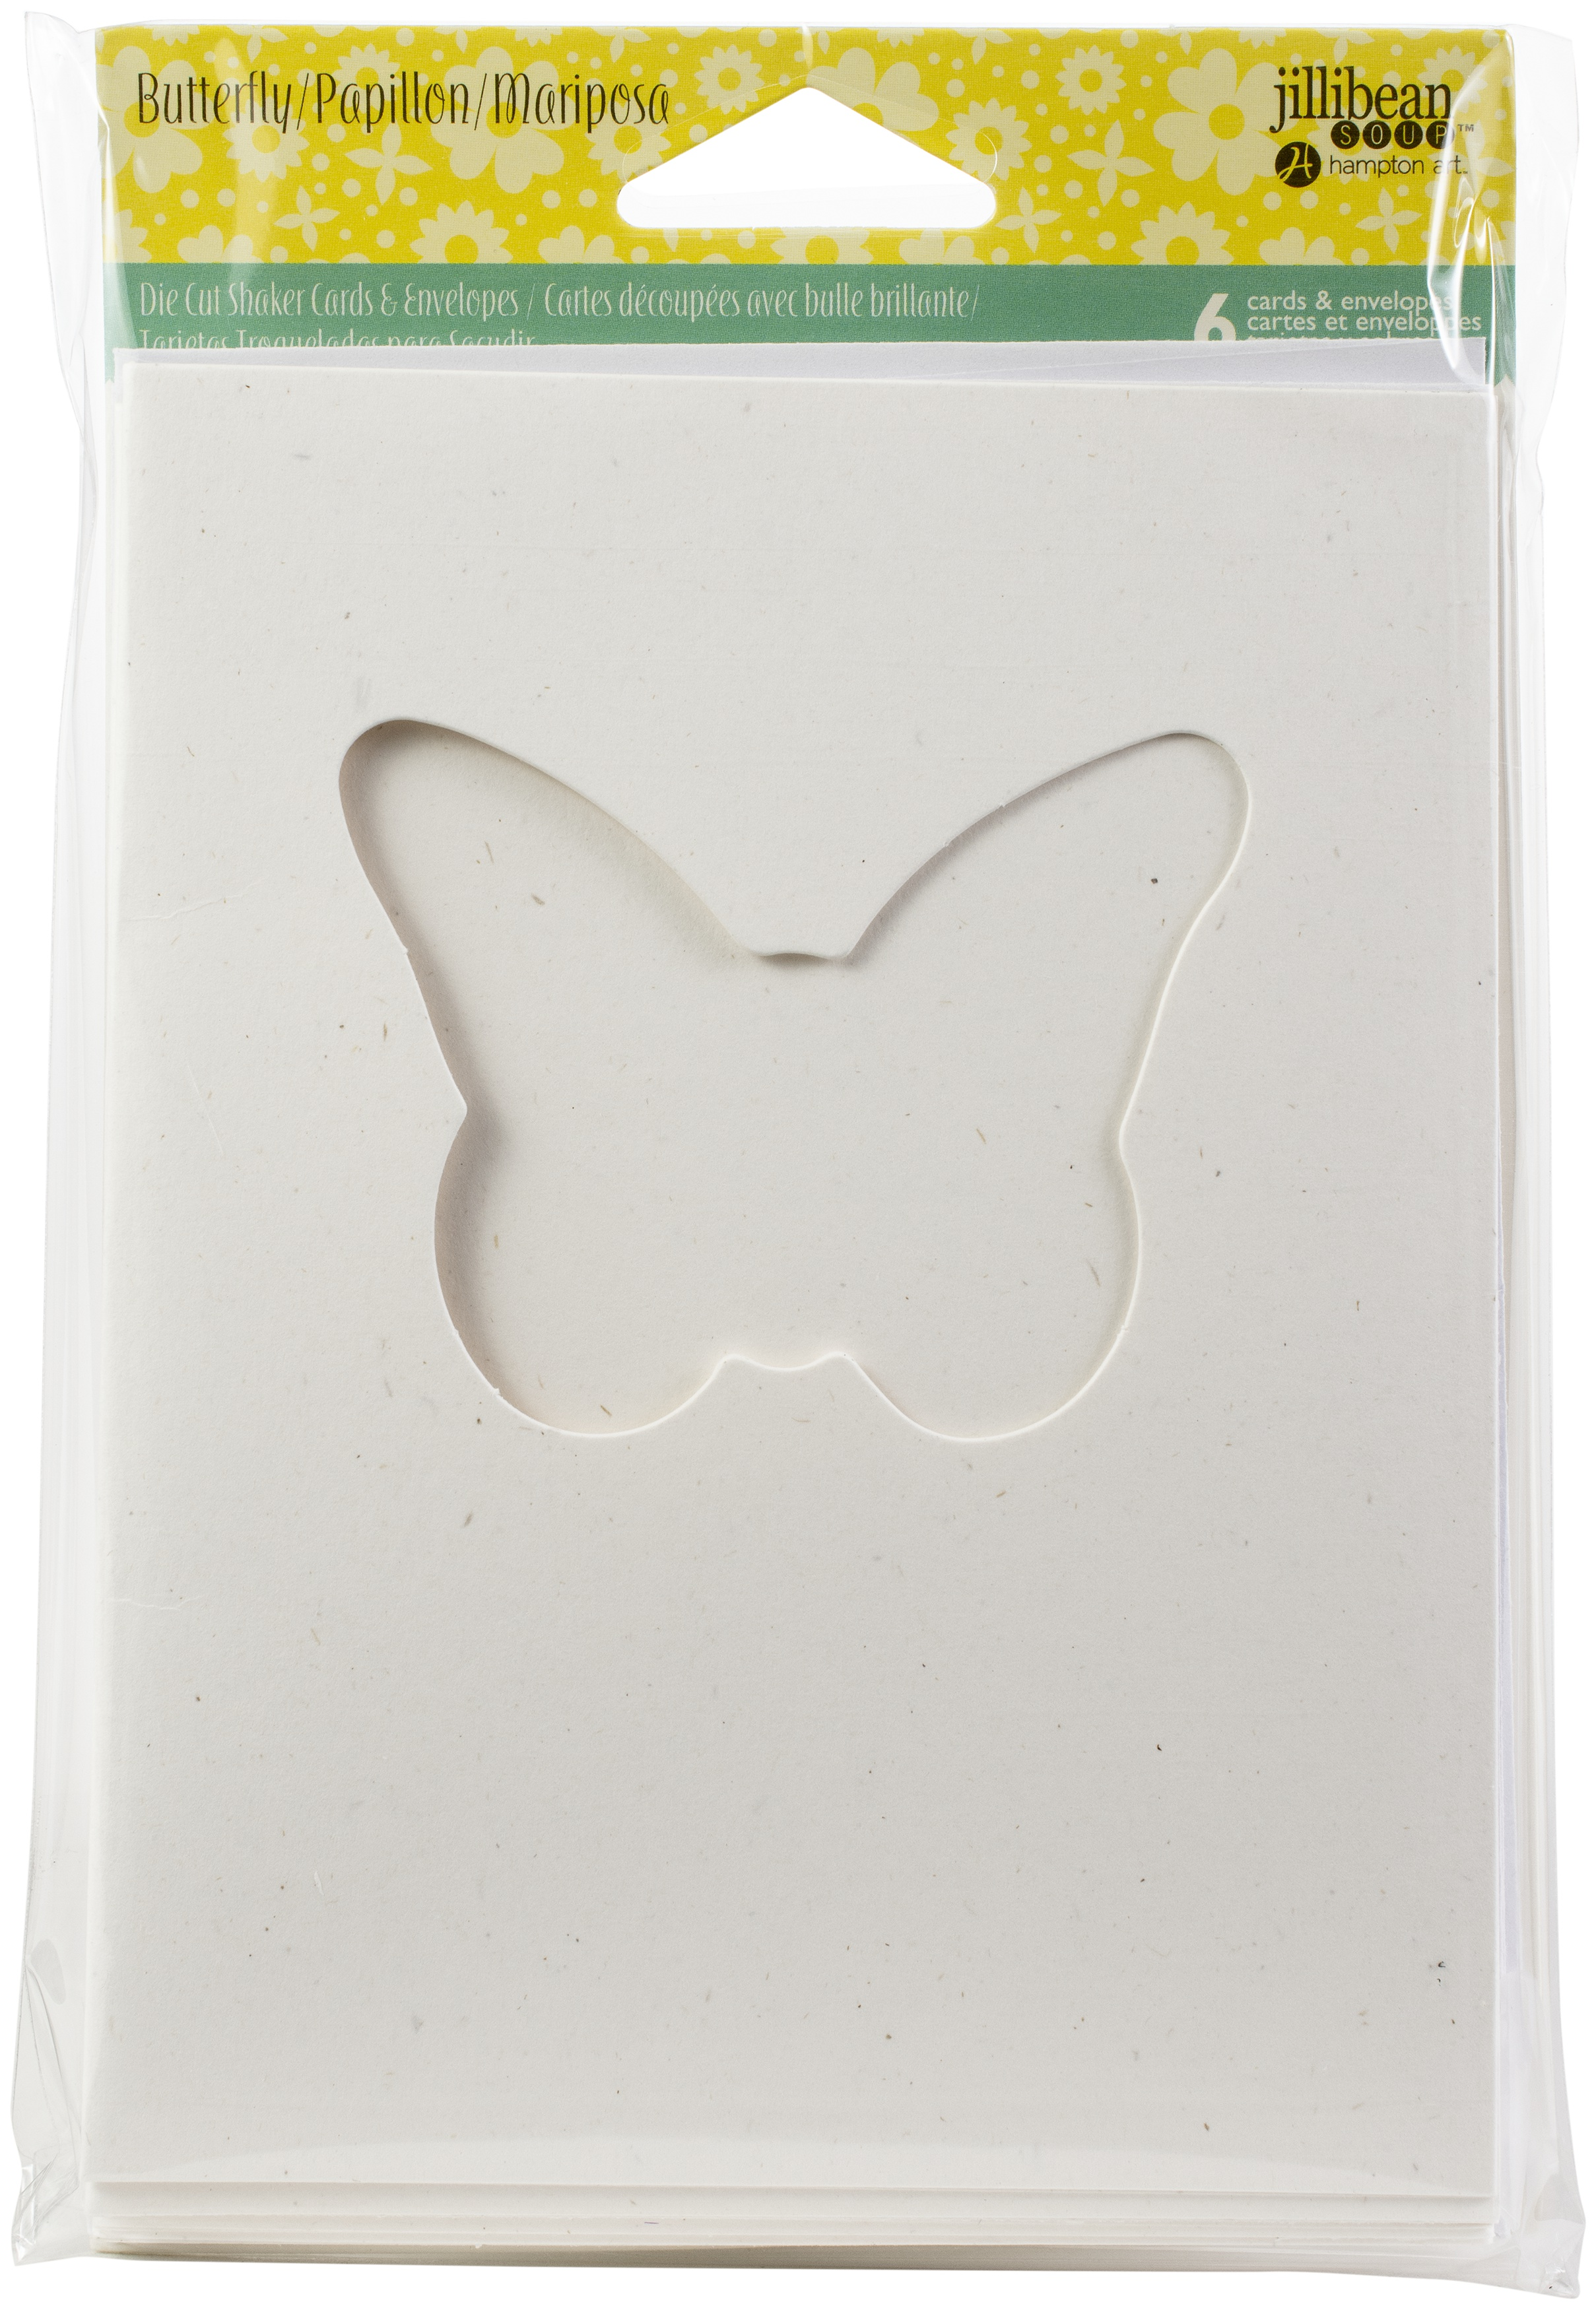 Shaker Card - Butterfly